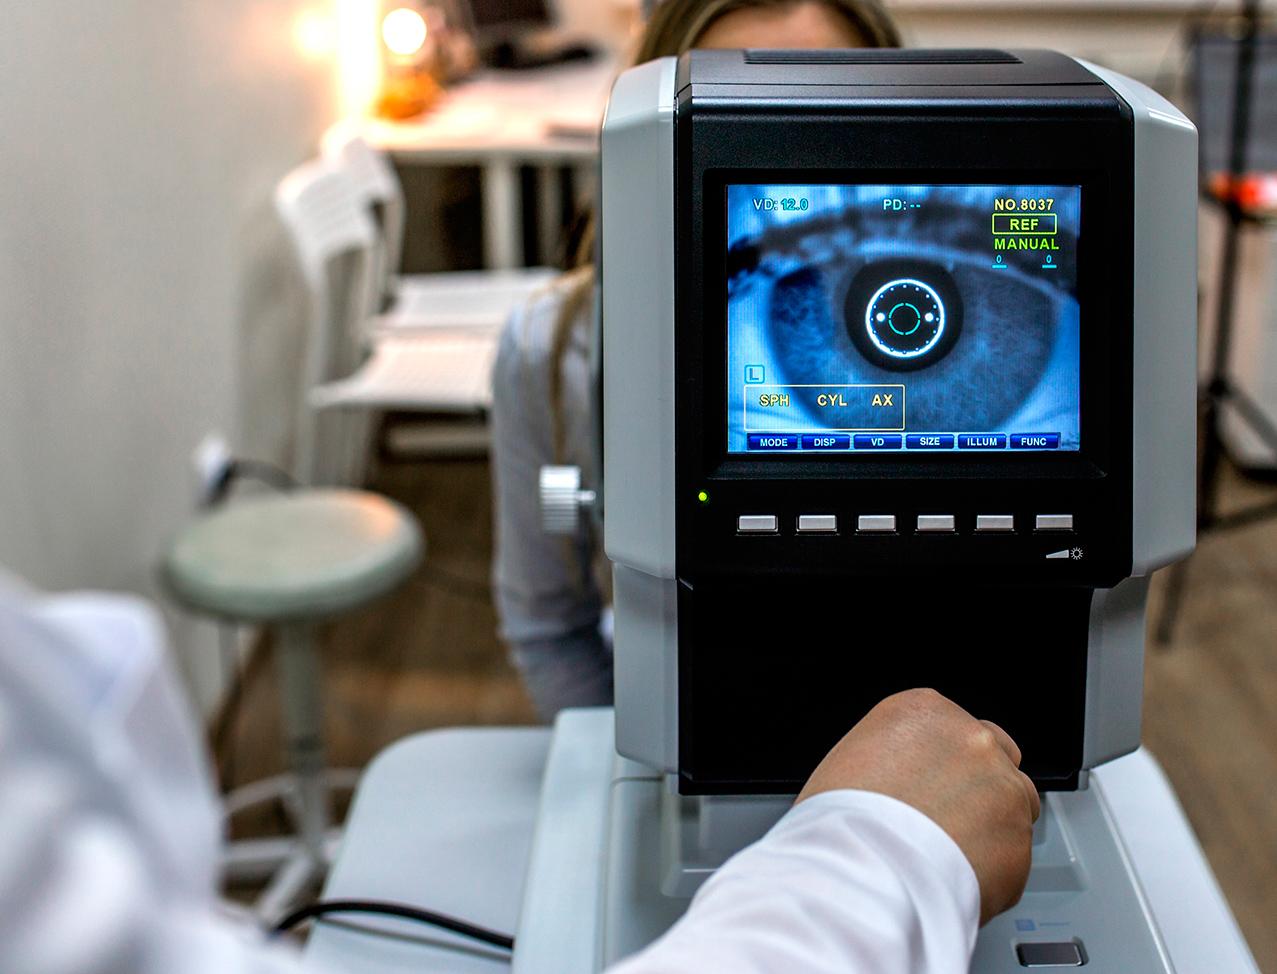 Cirugía láser para miopia, hipermetropia y astigmatismo